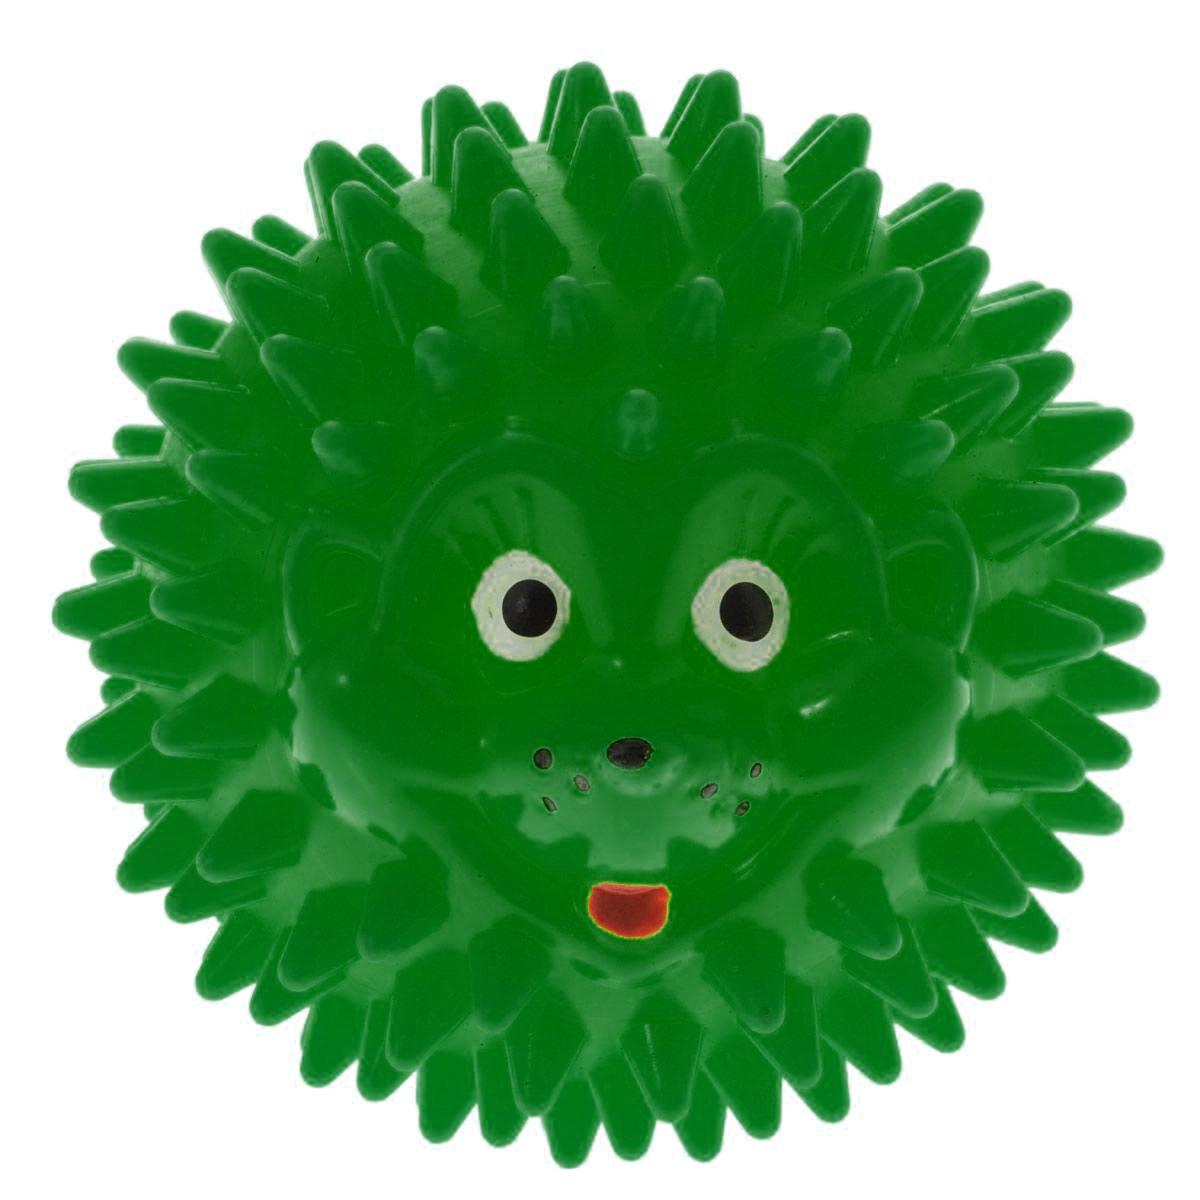 Массажер Дельтатерм Шарик-Ежик, цвет: зеленый, диаметр 50 мм00-00000225С помощью массажного мяча Шарик-Ежик можно самостоятельно проводить мягкий массаж ладоней, стоп и всего тела. Такой массаж способствует повышению кожно-мышечного тонуса, уменьшению венозного застоя и ускорению капиллярного кровотока, улучшению функционирования периферической и центральной нервных систем. Идеально подходит для проведения массажа у маленьких детей. Развивает мышление, координацию движений и совершенствует моторику нежных пальчиков малыша и является интересной веселой игрушкой.